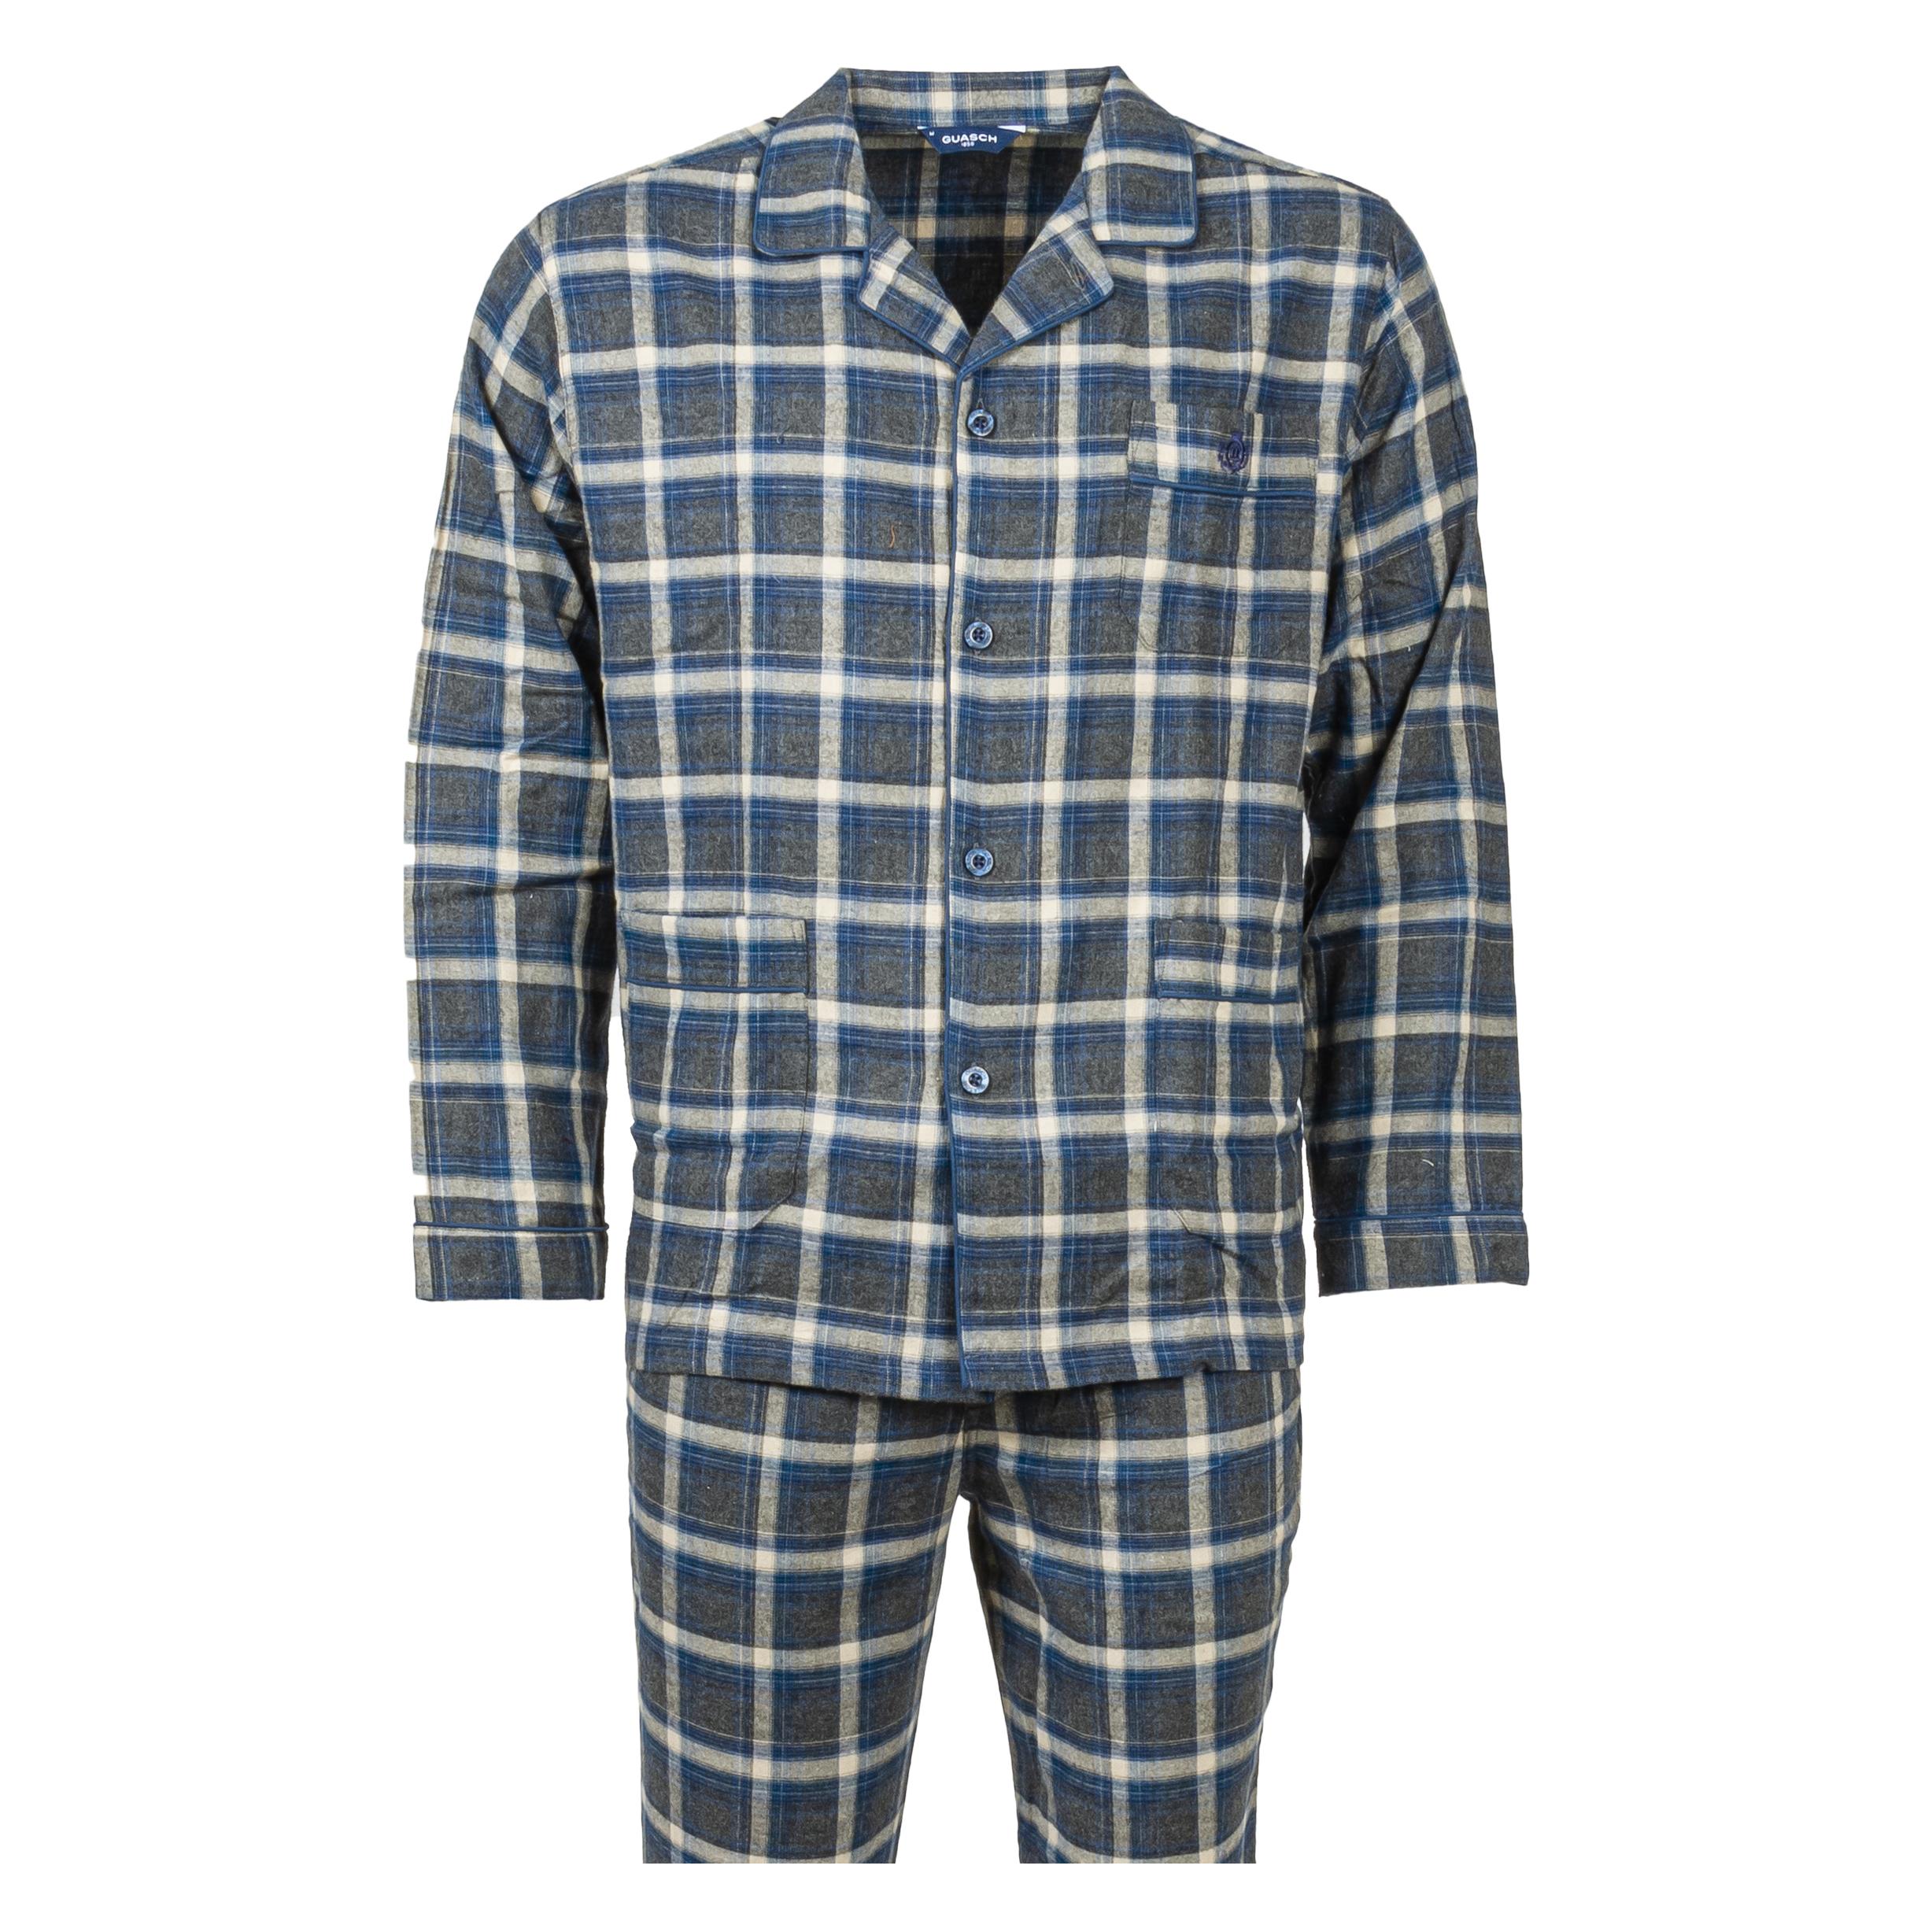 Pyjama chemise long Guasch en coton gris chiné et gris anthracite à carreaux